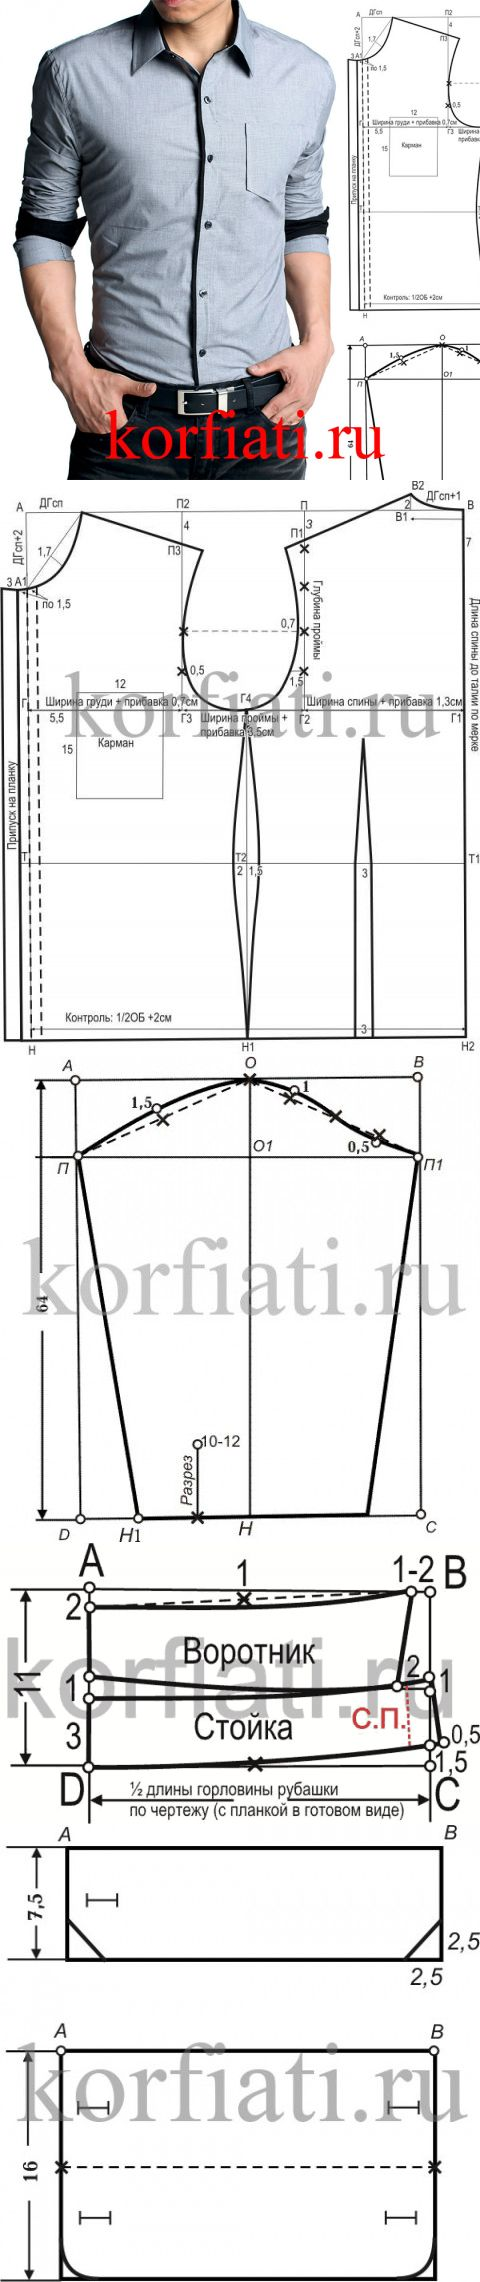 El patrón de la camisa de hombre entallada de A.Korfiati